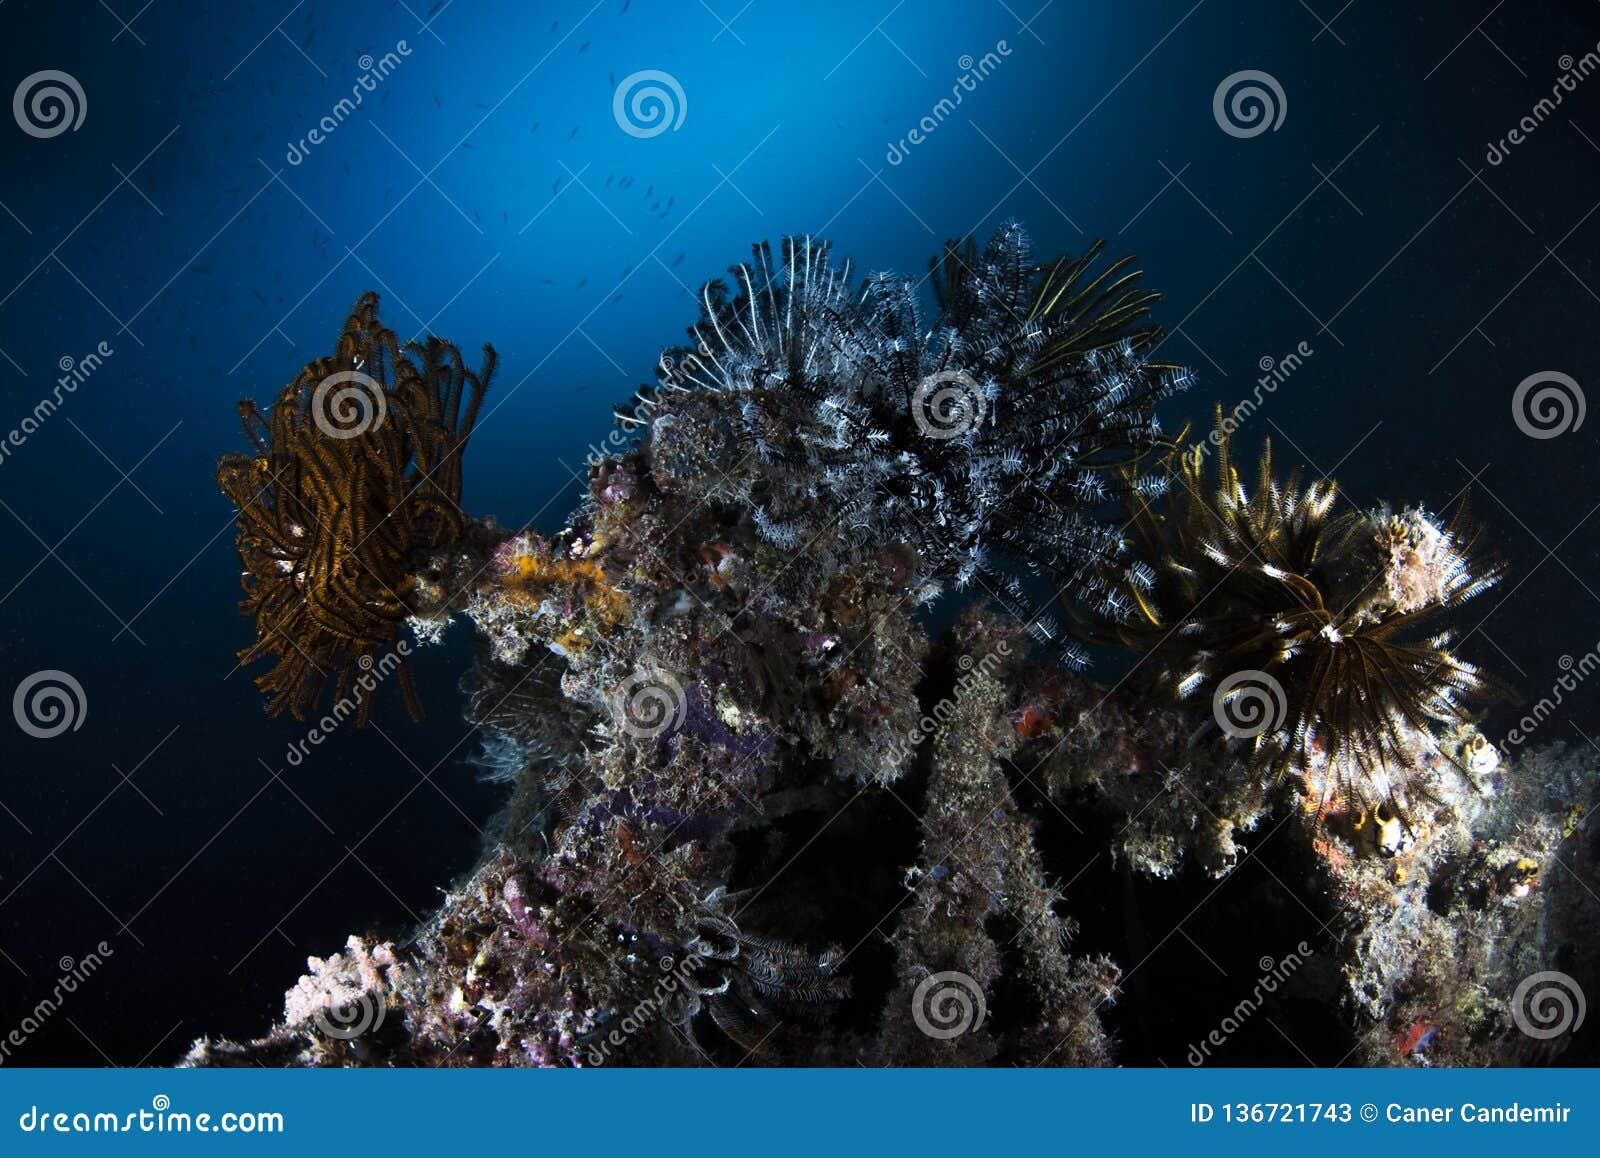 Escena subacuática de la vida marina en fondo azul marino